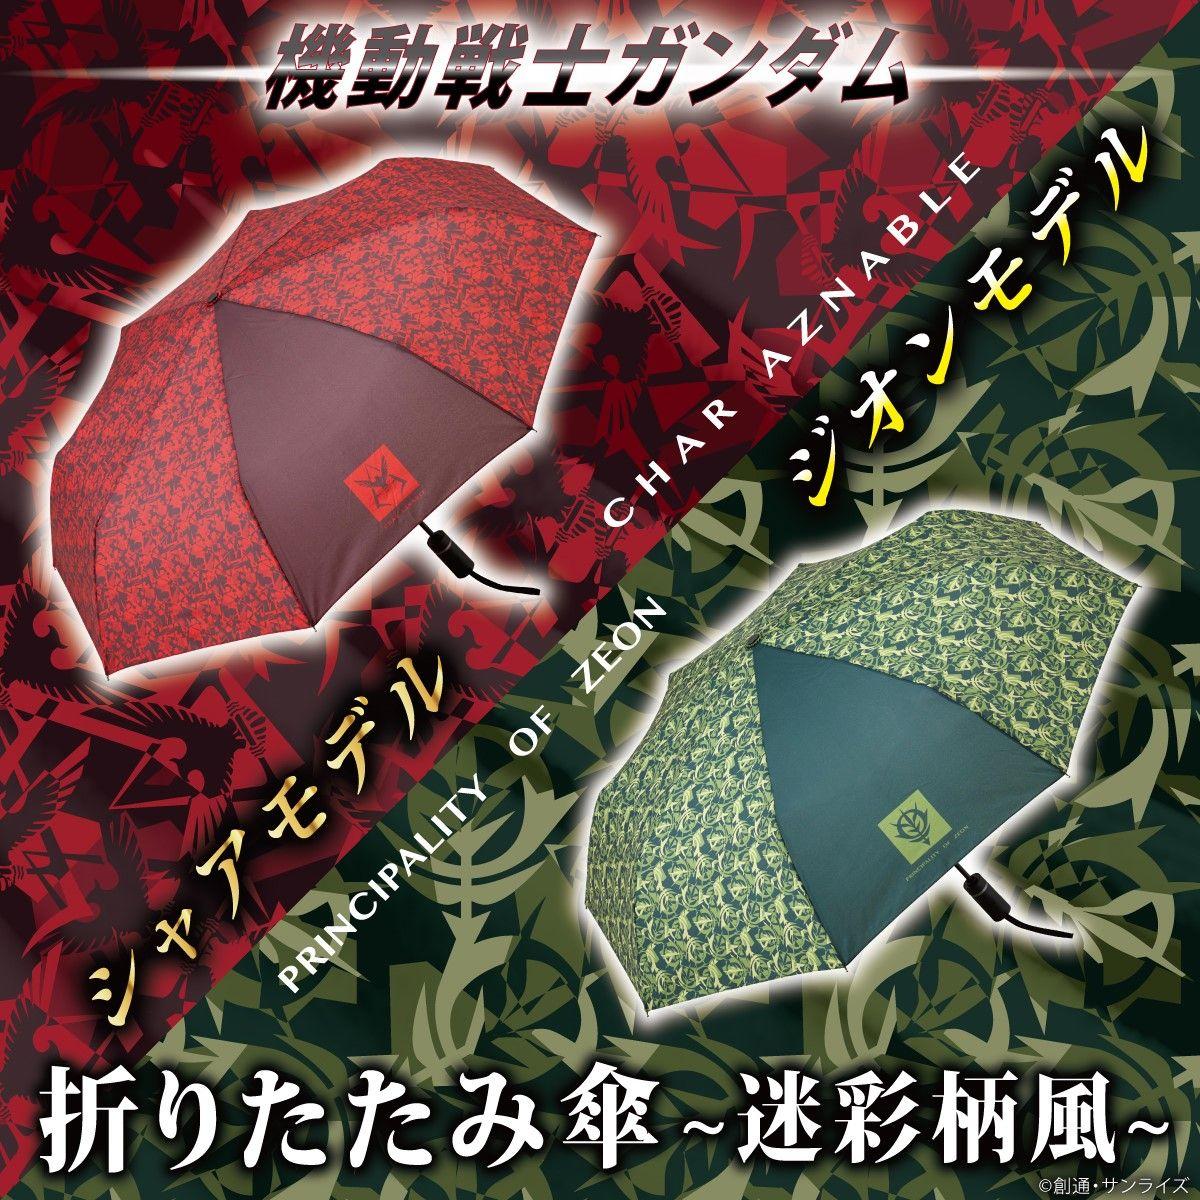 Mobile Suit Gundam Folding Umbrella